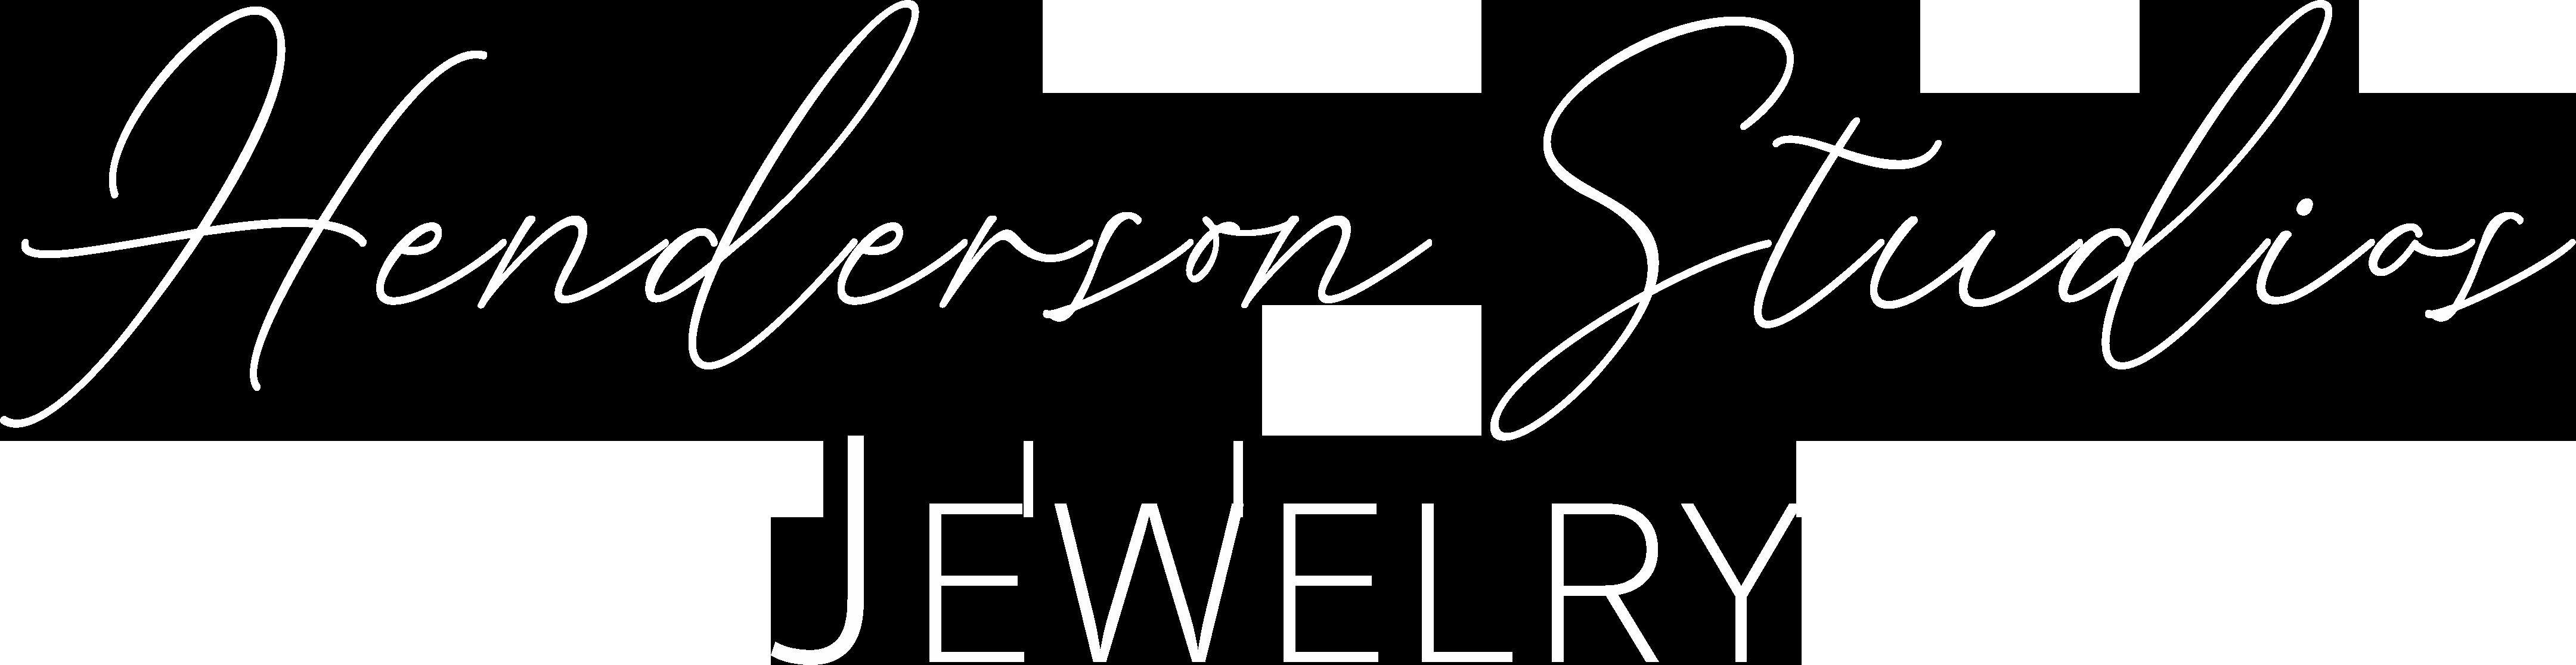 Henderson Studios Jewelry